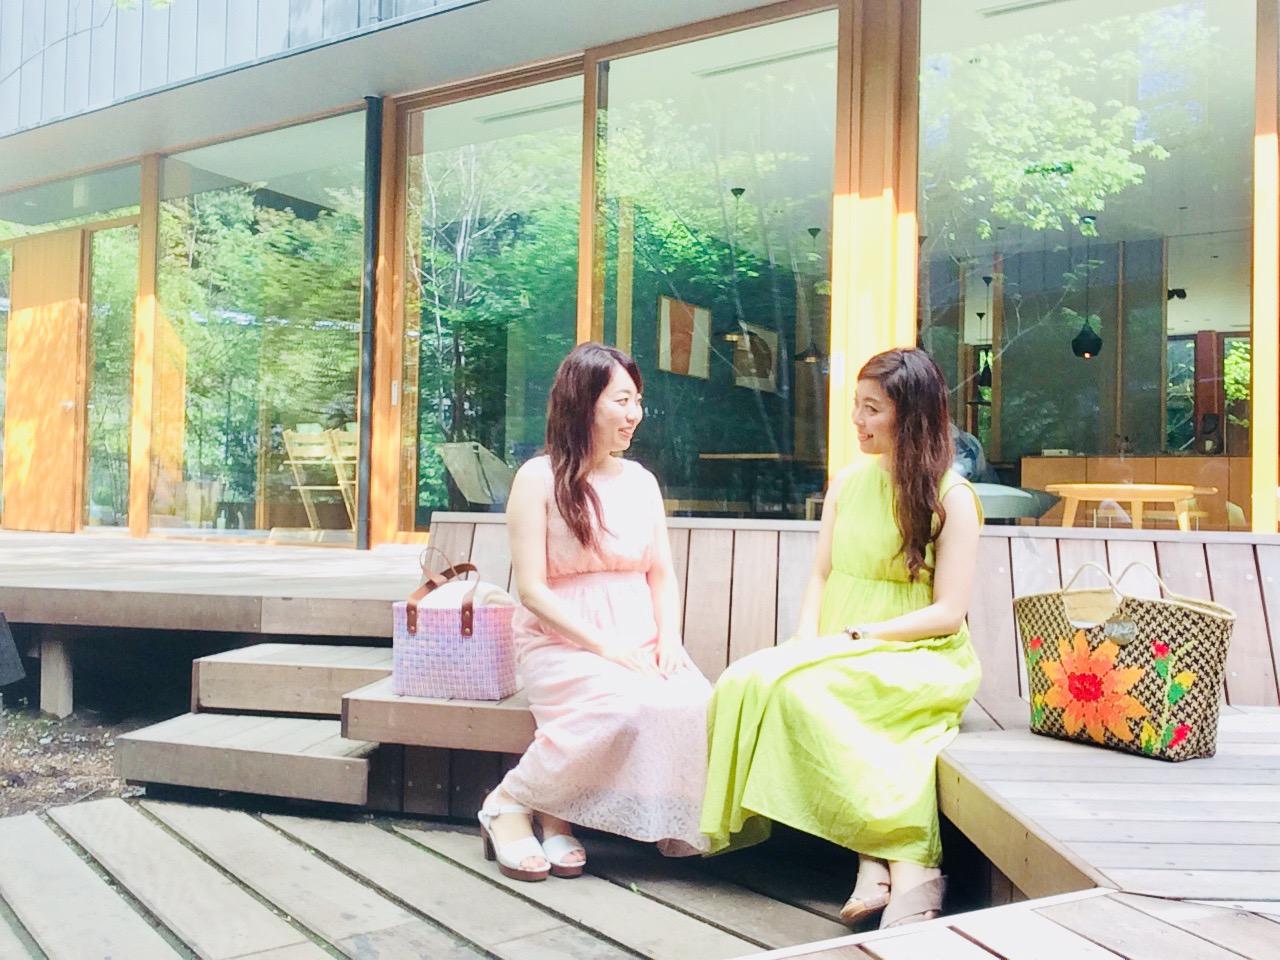 この夏は軽井沢の星野リゾートで、お友だちとまったり過ごしてみない?お得な情報も♡